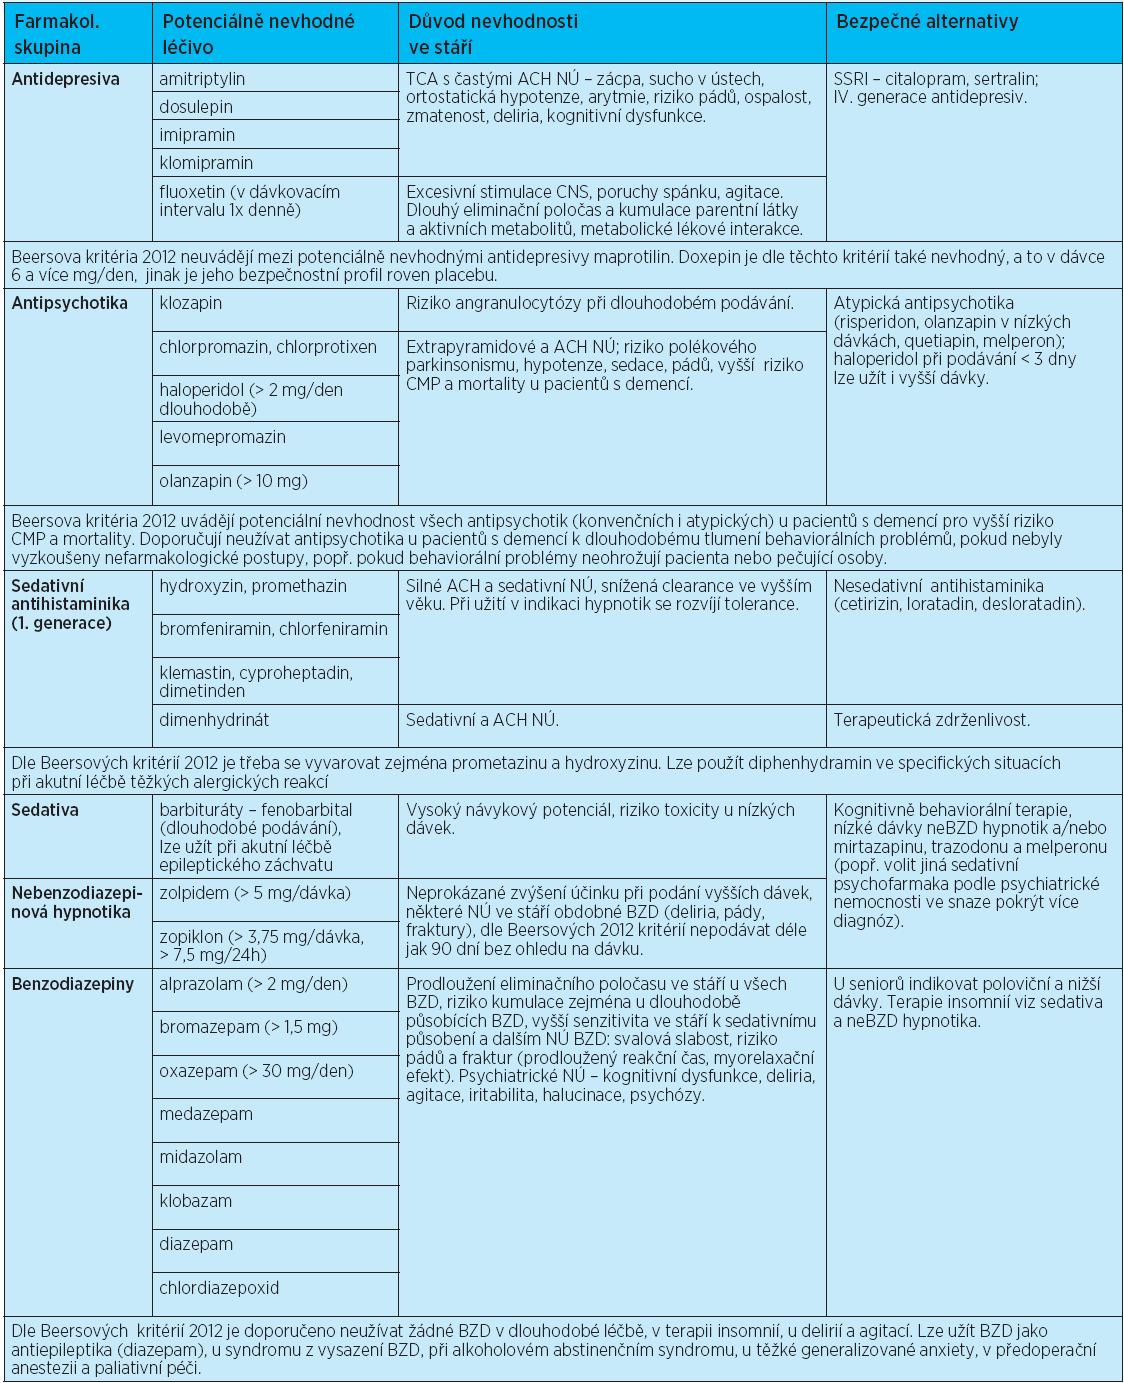 Léčiva potenciálně nevhodná ve stáří (nezávisle na diagnózách pacienta) – riziko závažných NÚ při dlouhodobé léčbě převyšuje benefit léčby, popř. účinnost těchto léčiv je u seniorů nedostatečná nebo nedostatečně prokázaná (doplněno o komentáře z Beersových kritérií z roku 2012)